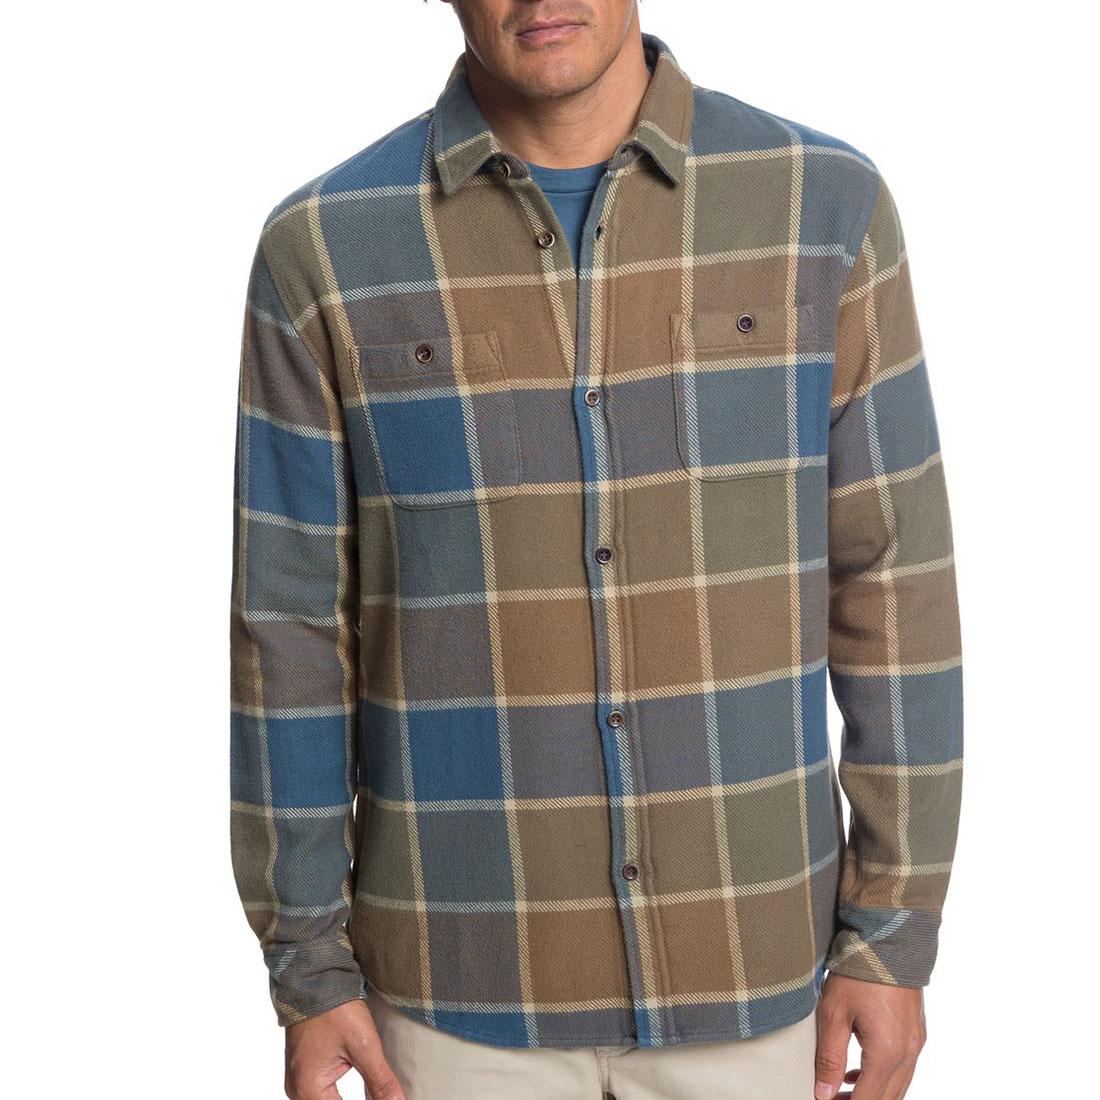 8dbb2fe39413185 Рубашка QUIKSILVER COLDBRFLANNELSH M WVTP FW19 купить в Москве,  Санкт-Петербурге. Рубашка QUIKSILVER COLDBRFLANNELSH M WVTP FW19 цена,  отзывы, ...